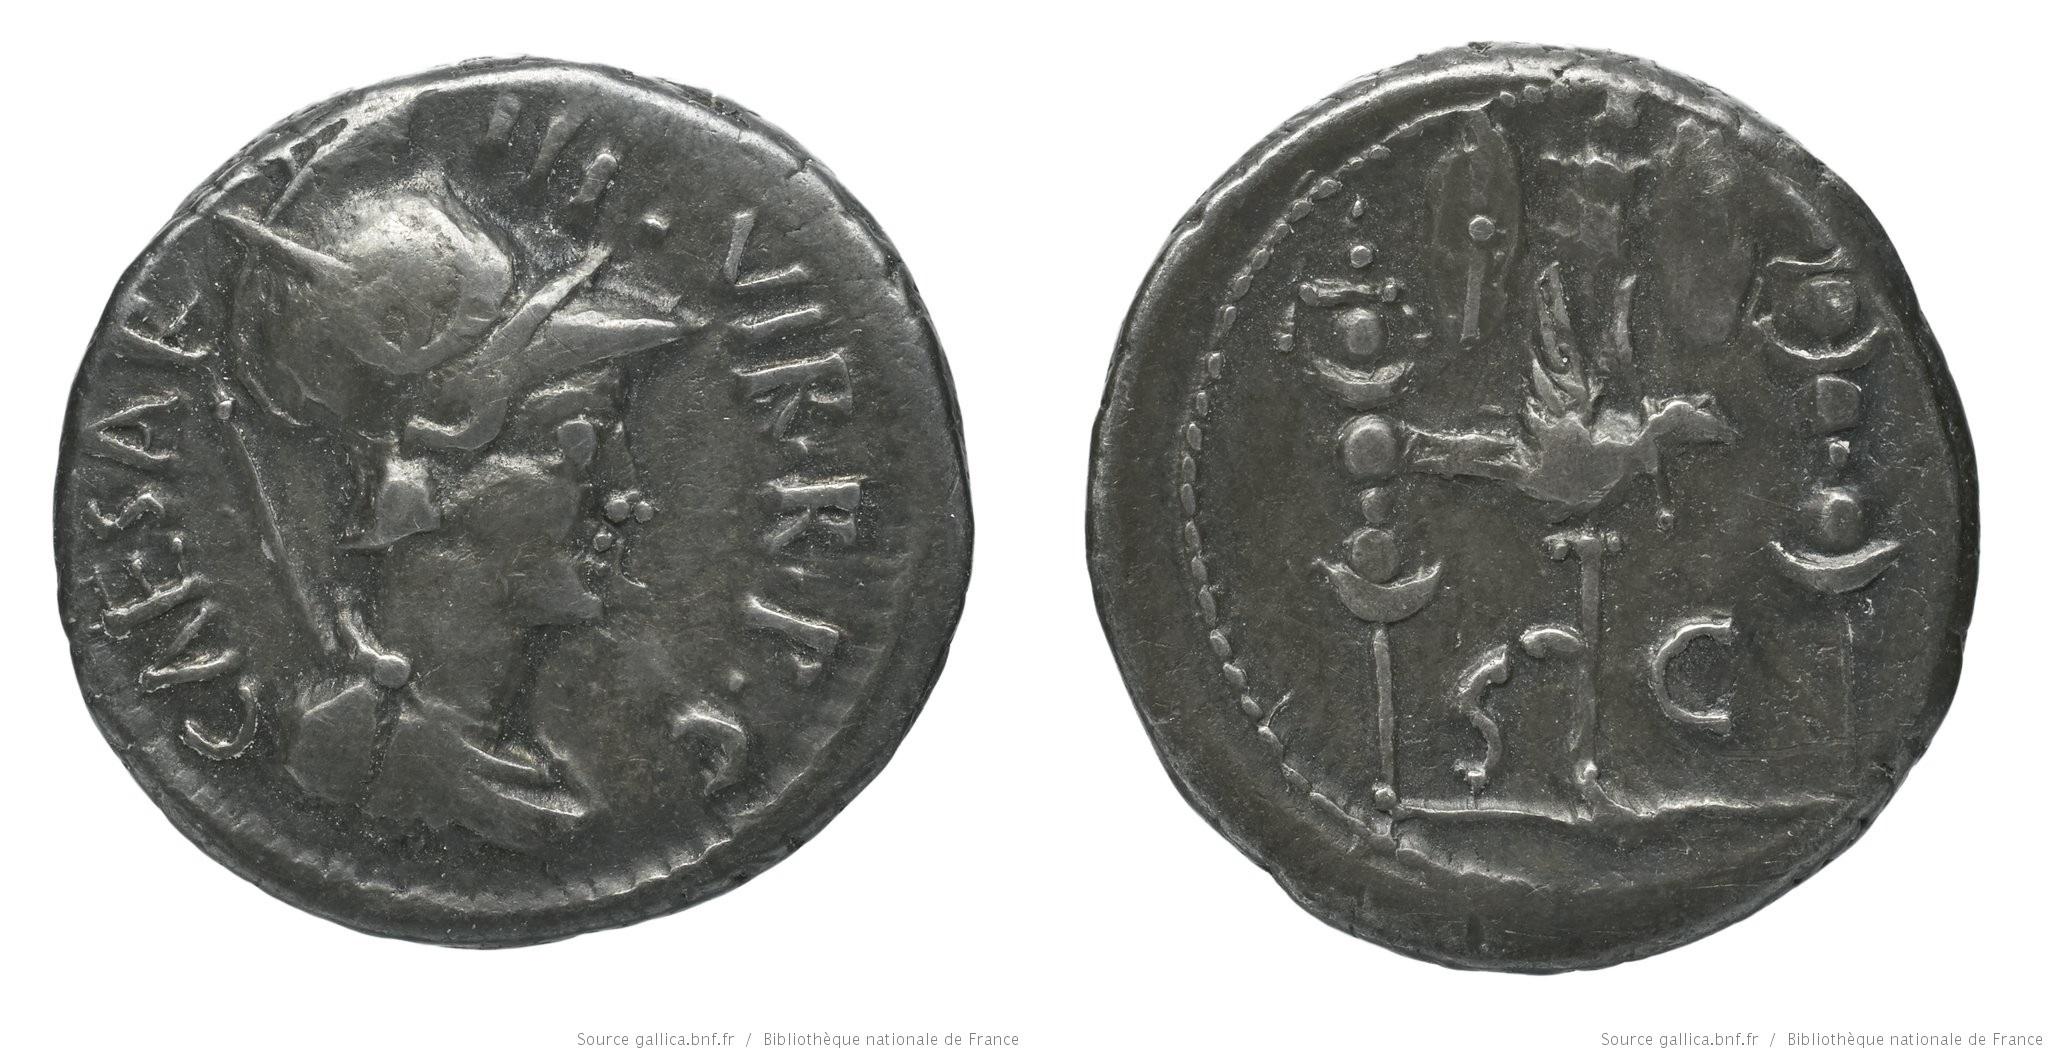 1630JU – Denier Octave – Caius Julius Cæsar Octavianus